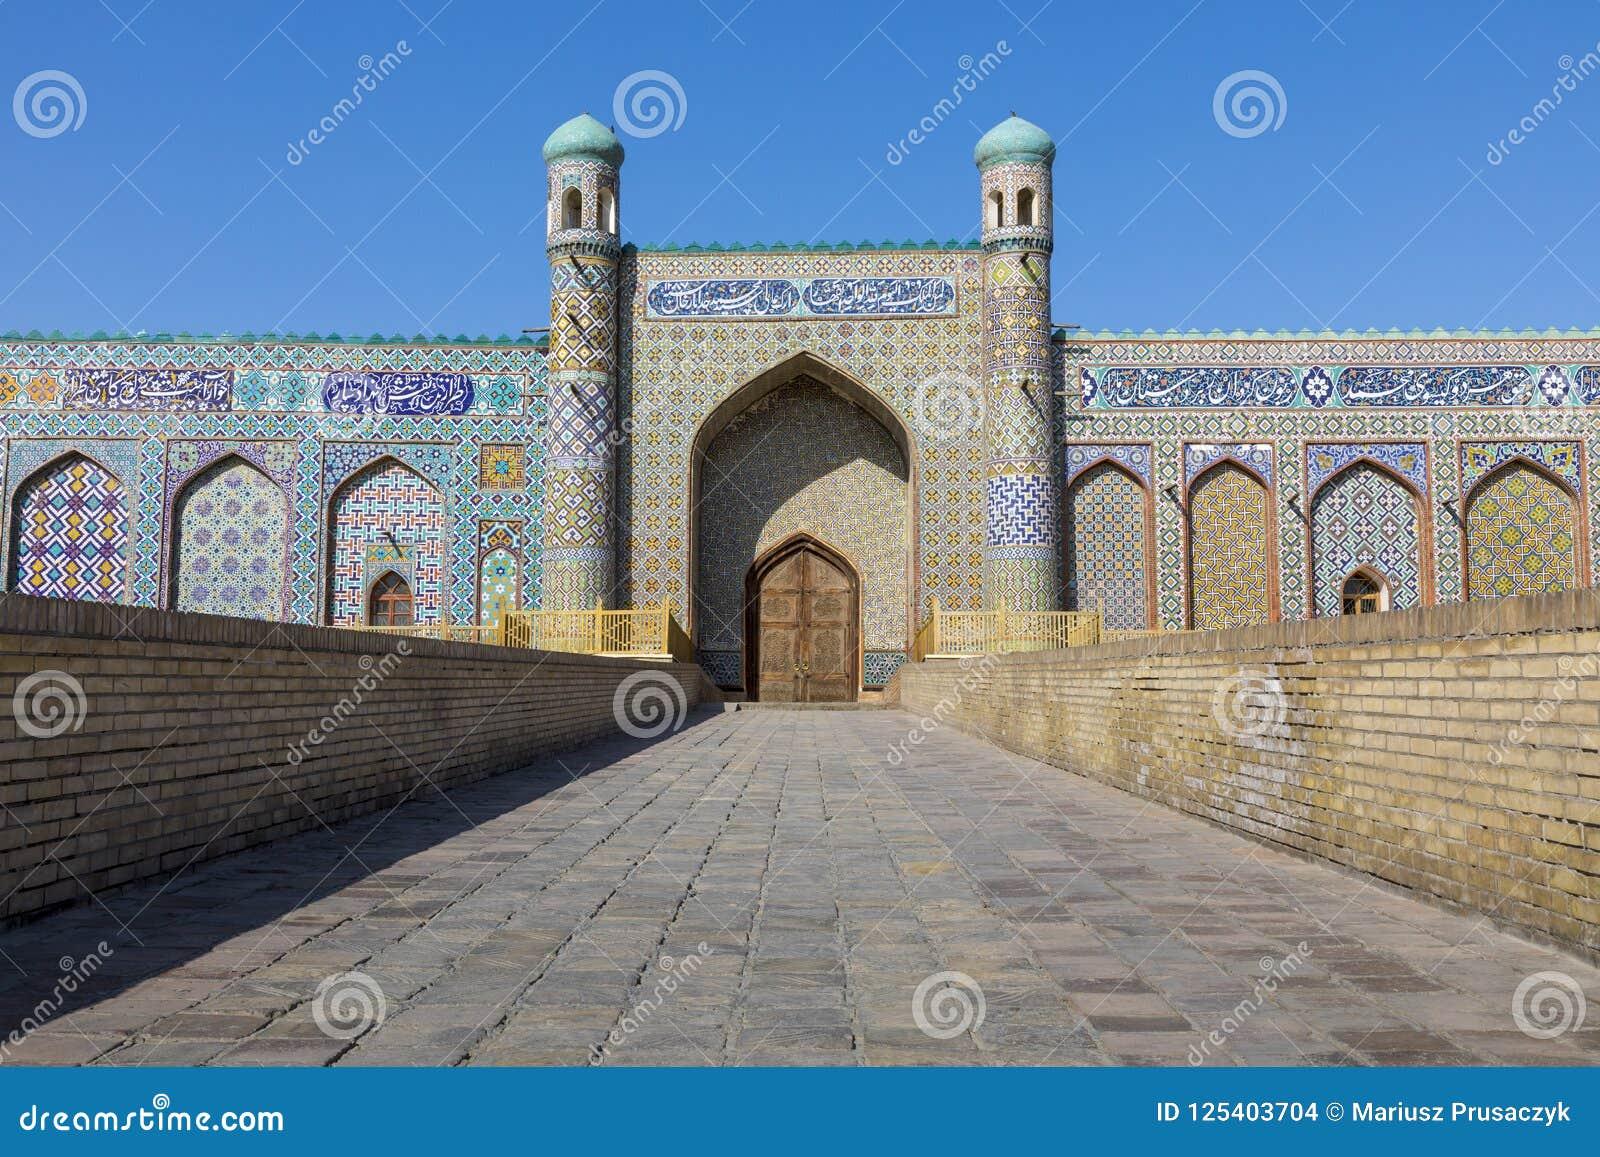 Το παλάτι Khudayar Khan είναι τα δημοφιλέστερα ορόσημα Fergan